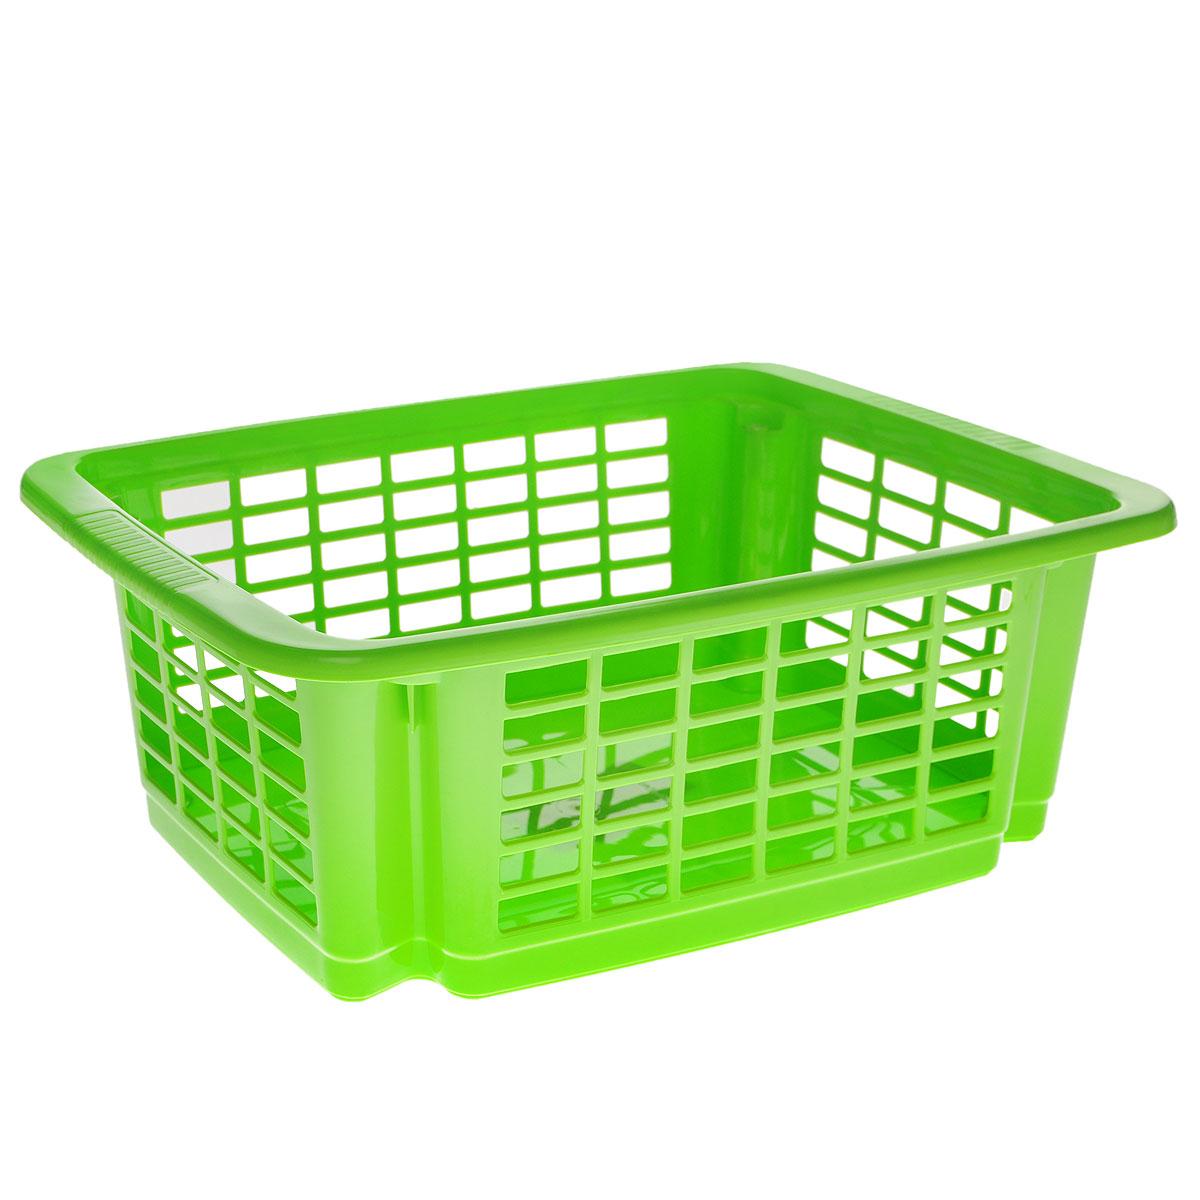 Корзина для хранения Dunya Plastik Стакер, цвет: салатовый, 12 л. 550705507Классическая корзина Dunya Plastik Стакер, изготовленная из пластика, предназначена для хранения мелочей в ванной, на кухне, даче или гараже. Позволяет хранить мелкие вещи, исключая возможность их потери. Это легкая корзина со сплошным дном и перфорированными стенками. Корзина имеет специальные выемки внизу и вверху, позволяющие устанавливать корзины друг на друга.